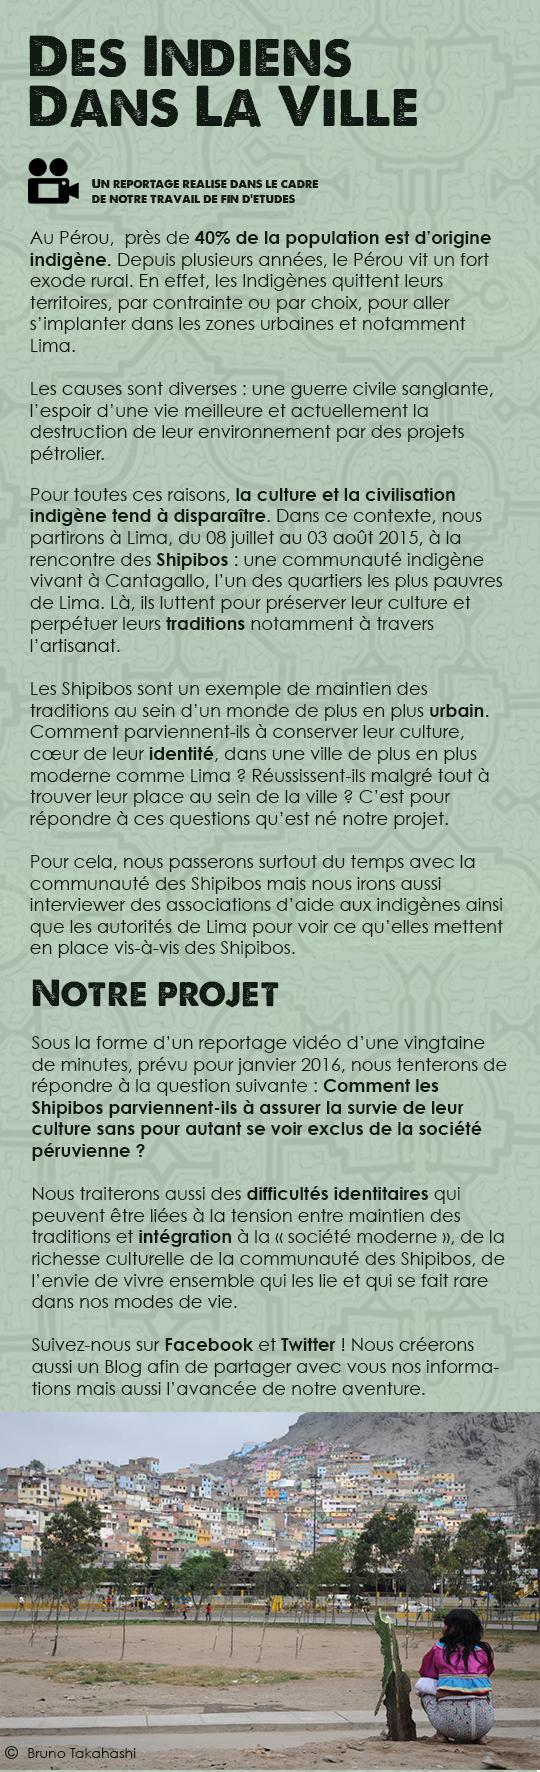 Projet_finitooo-1427881178